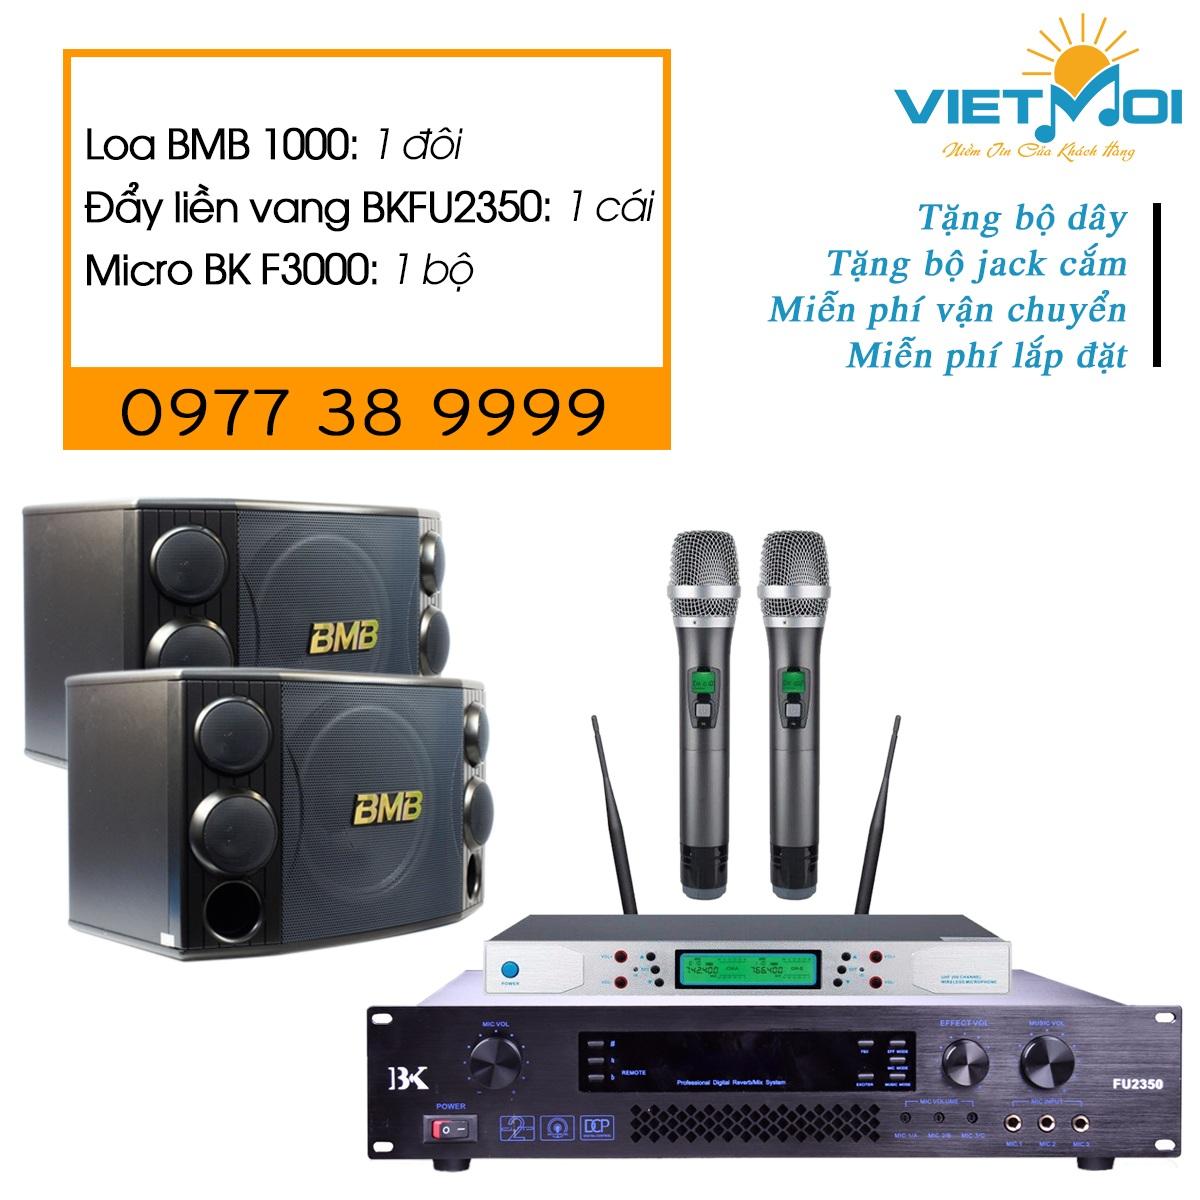 Cấu hình dàn karaoke VM-GD018 Chính hãng – Giá cả cạnh tranh – Vietmoiaudio